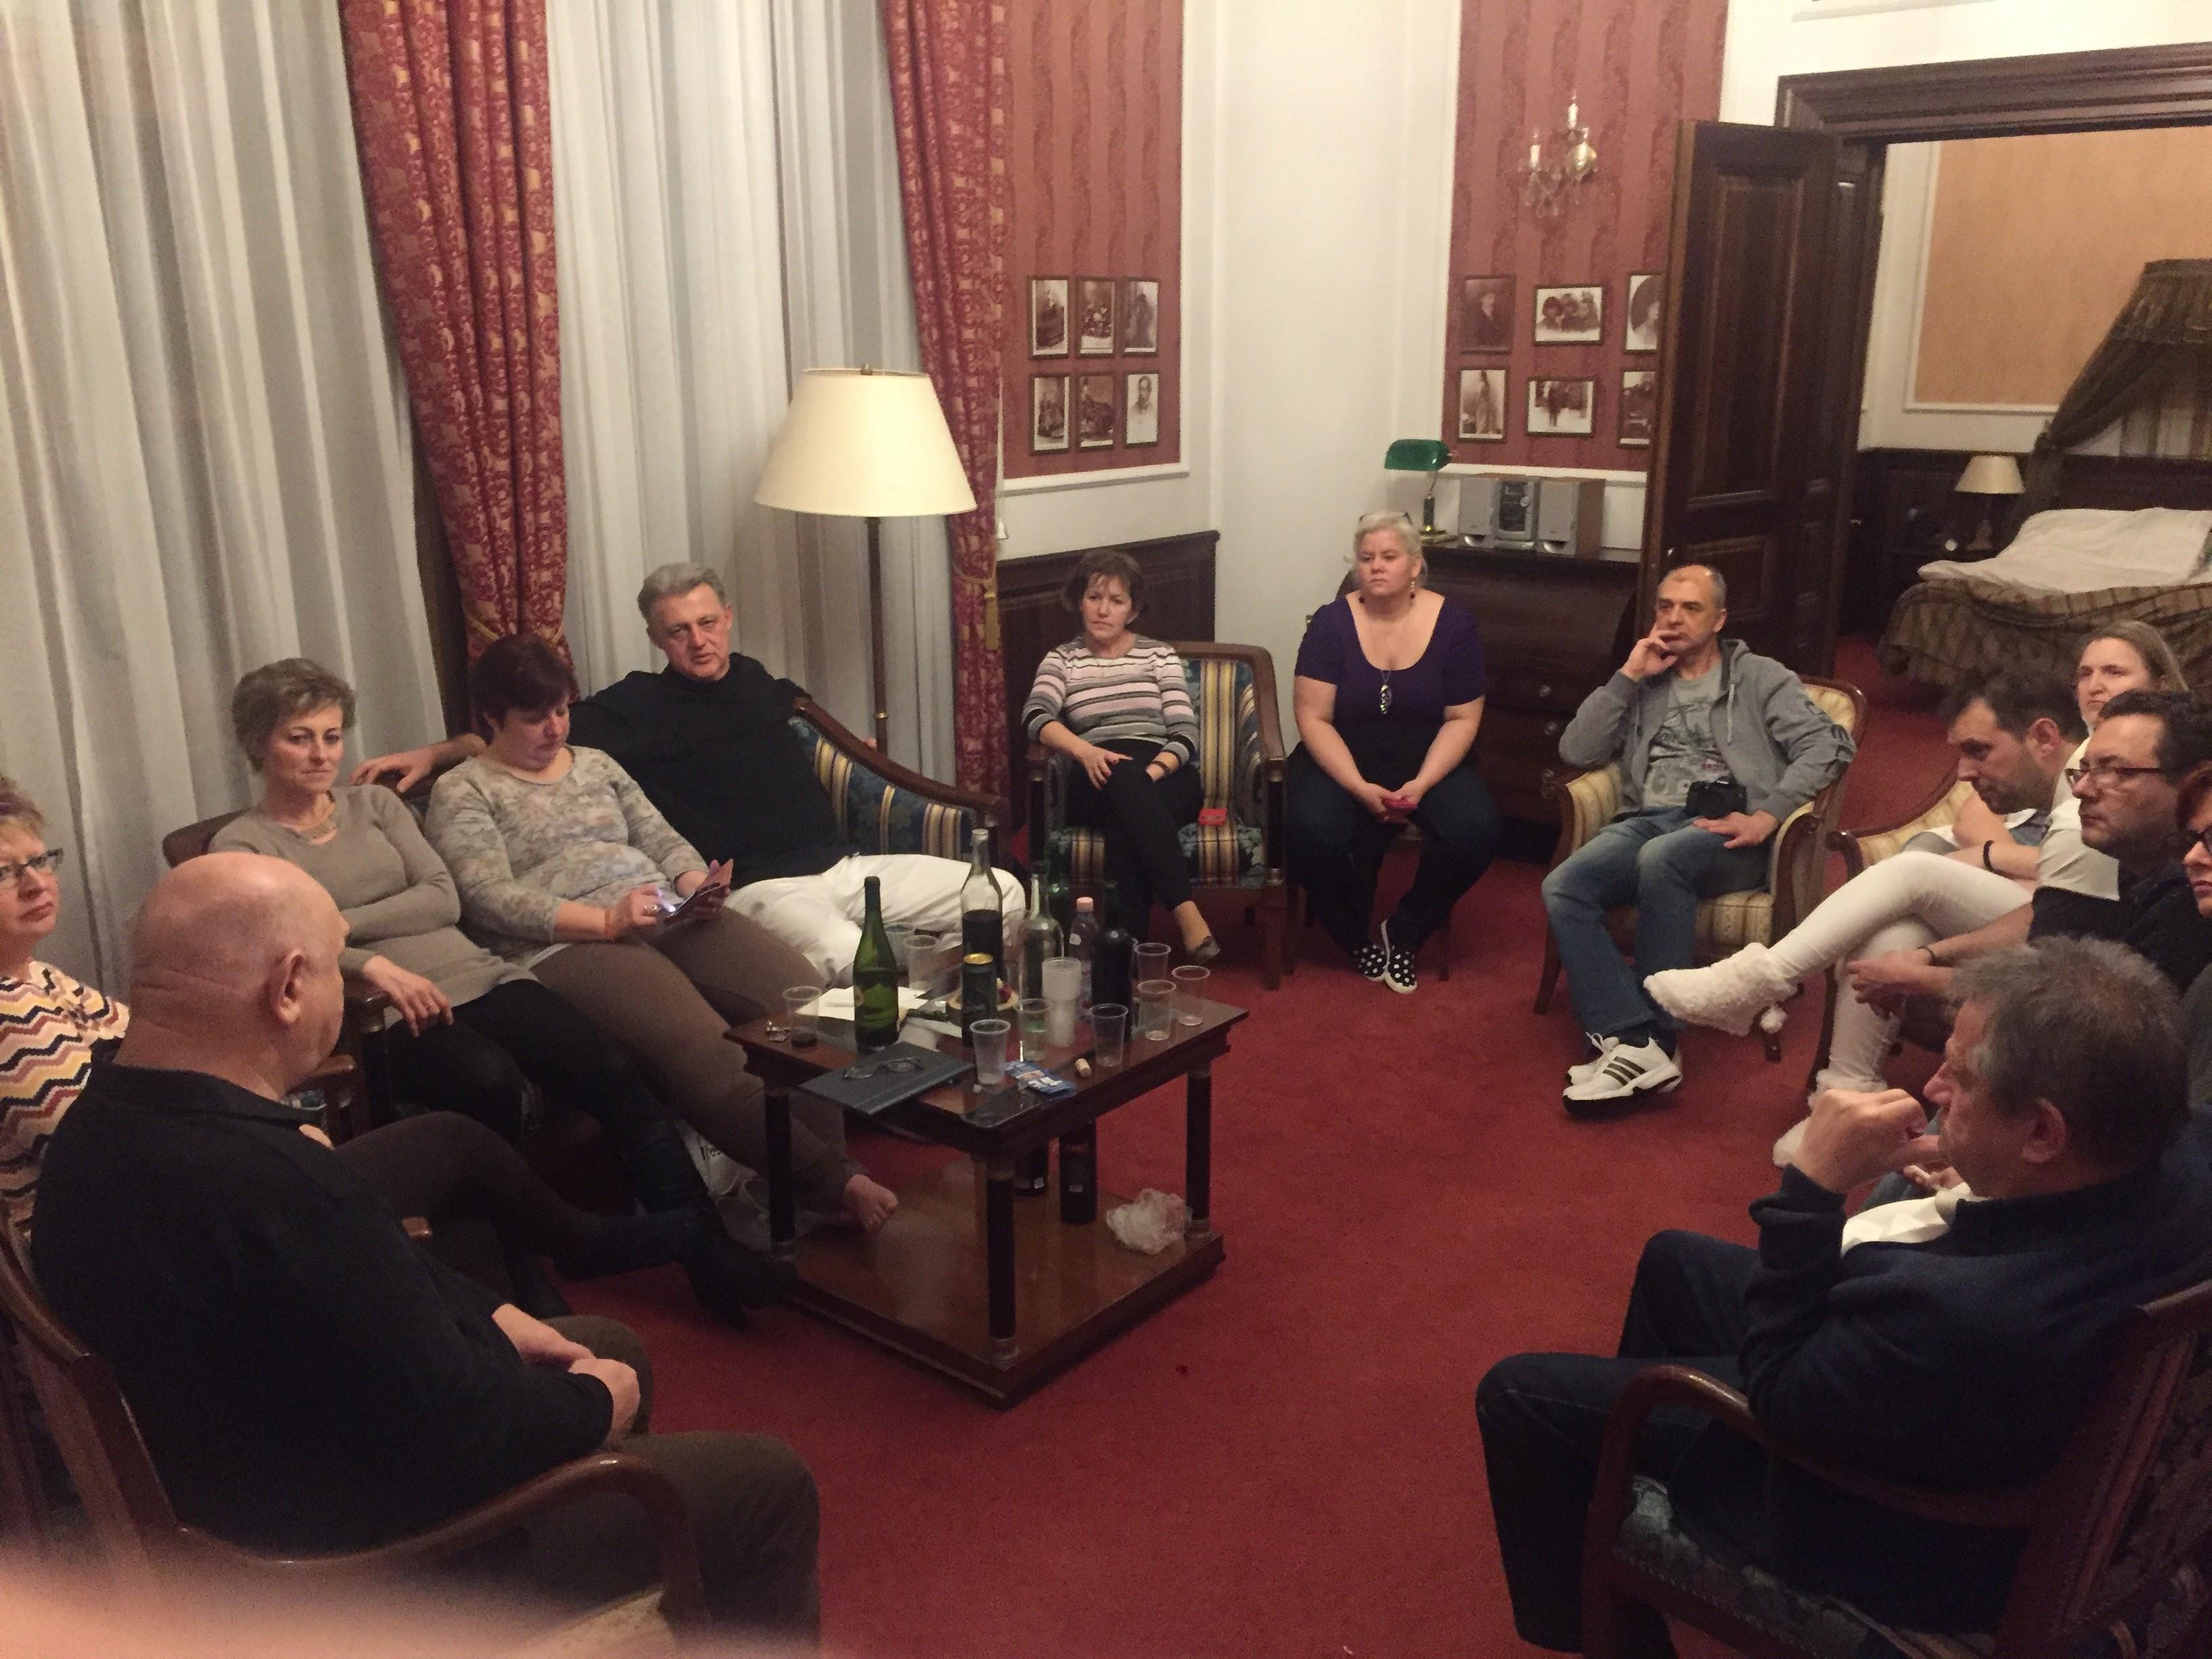 A második este is vidám és tanulságos beszélgetéssel telt Lőrincz Marika és János lakosztályában. Imádták minden percét!